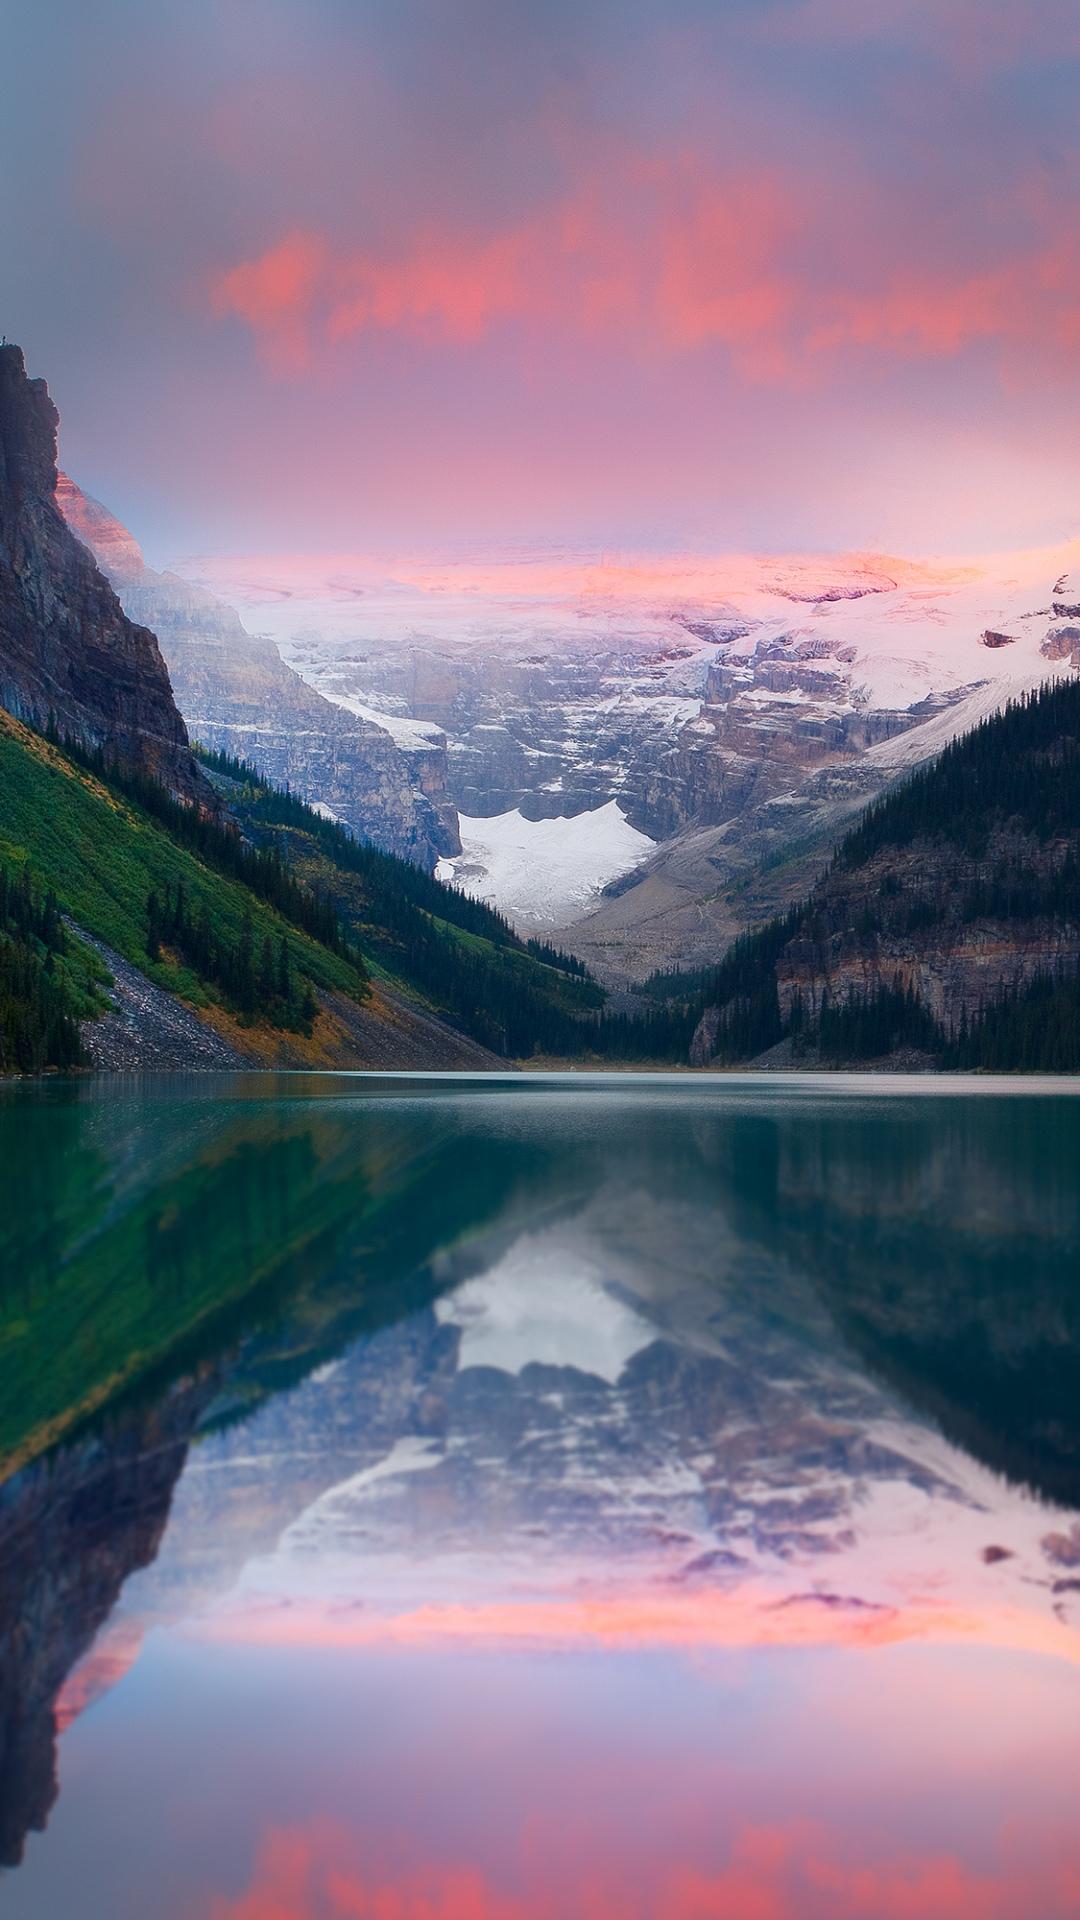 mountains sunset lake sky snow peaks 93192 1080x1920 Mountain